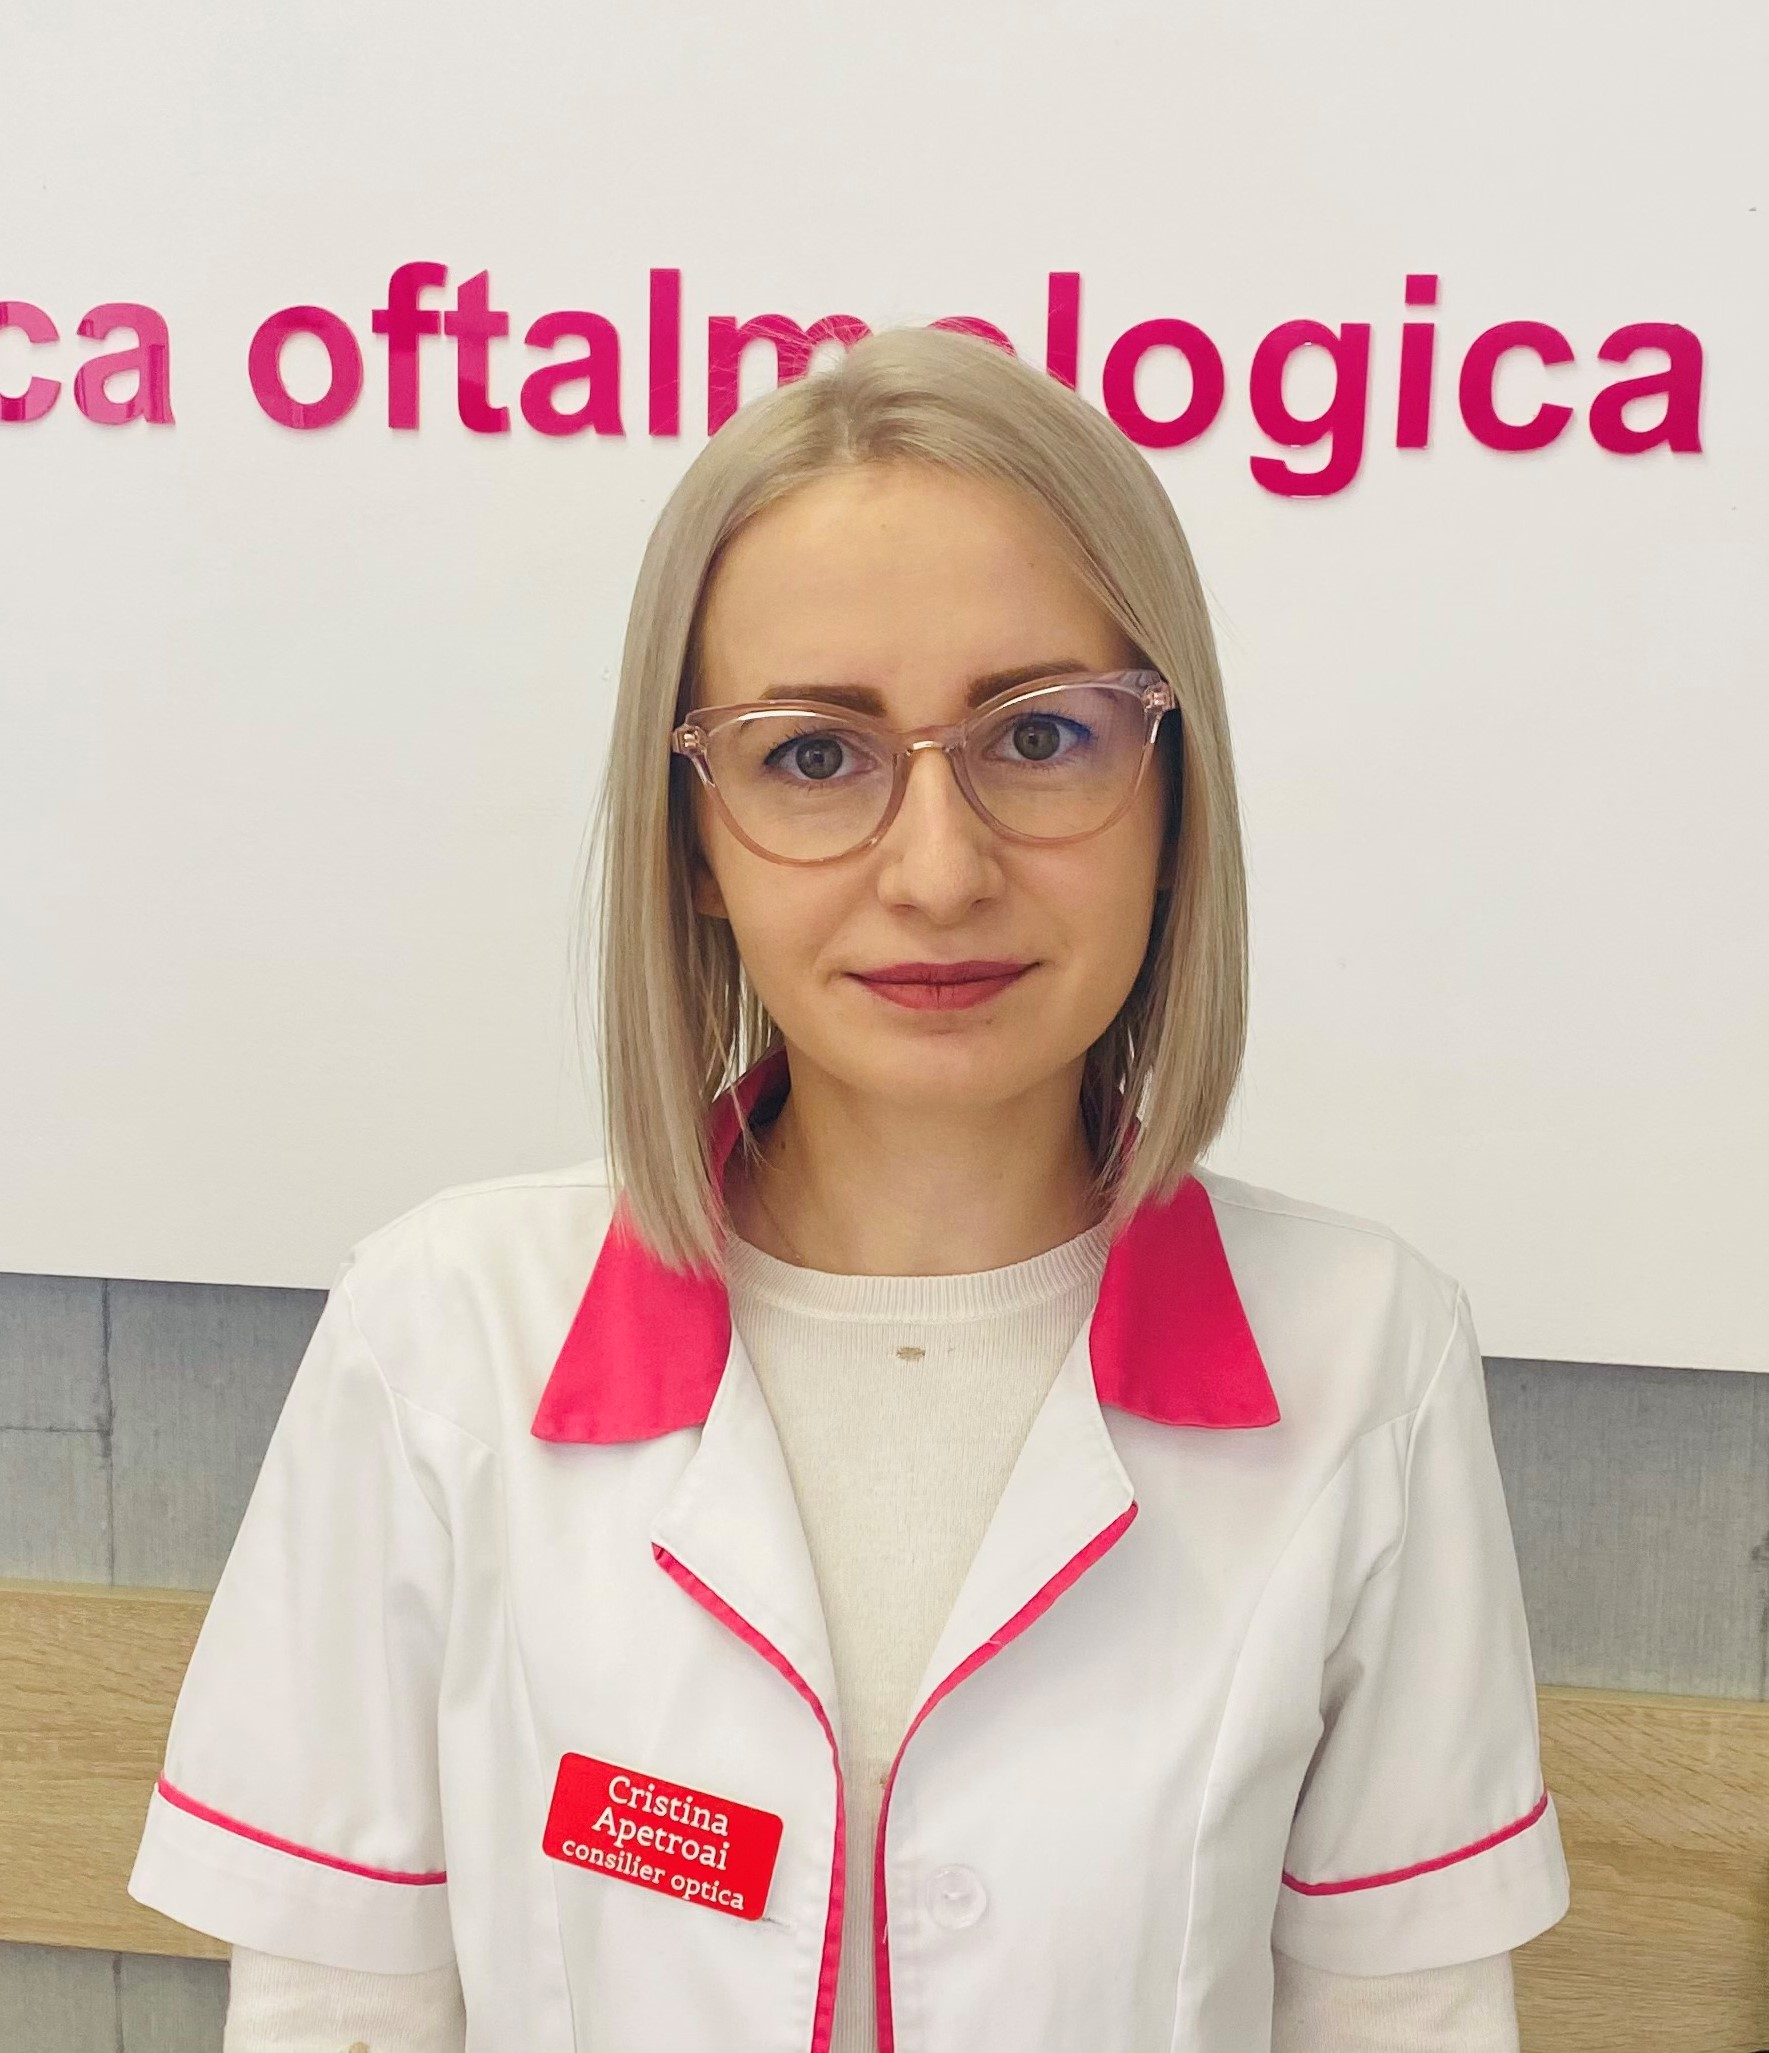 Cristina Apetroai